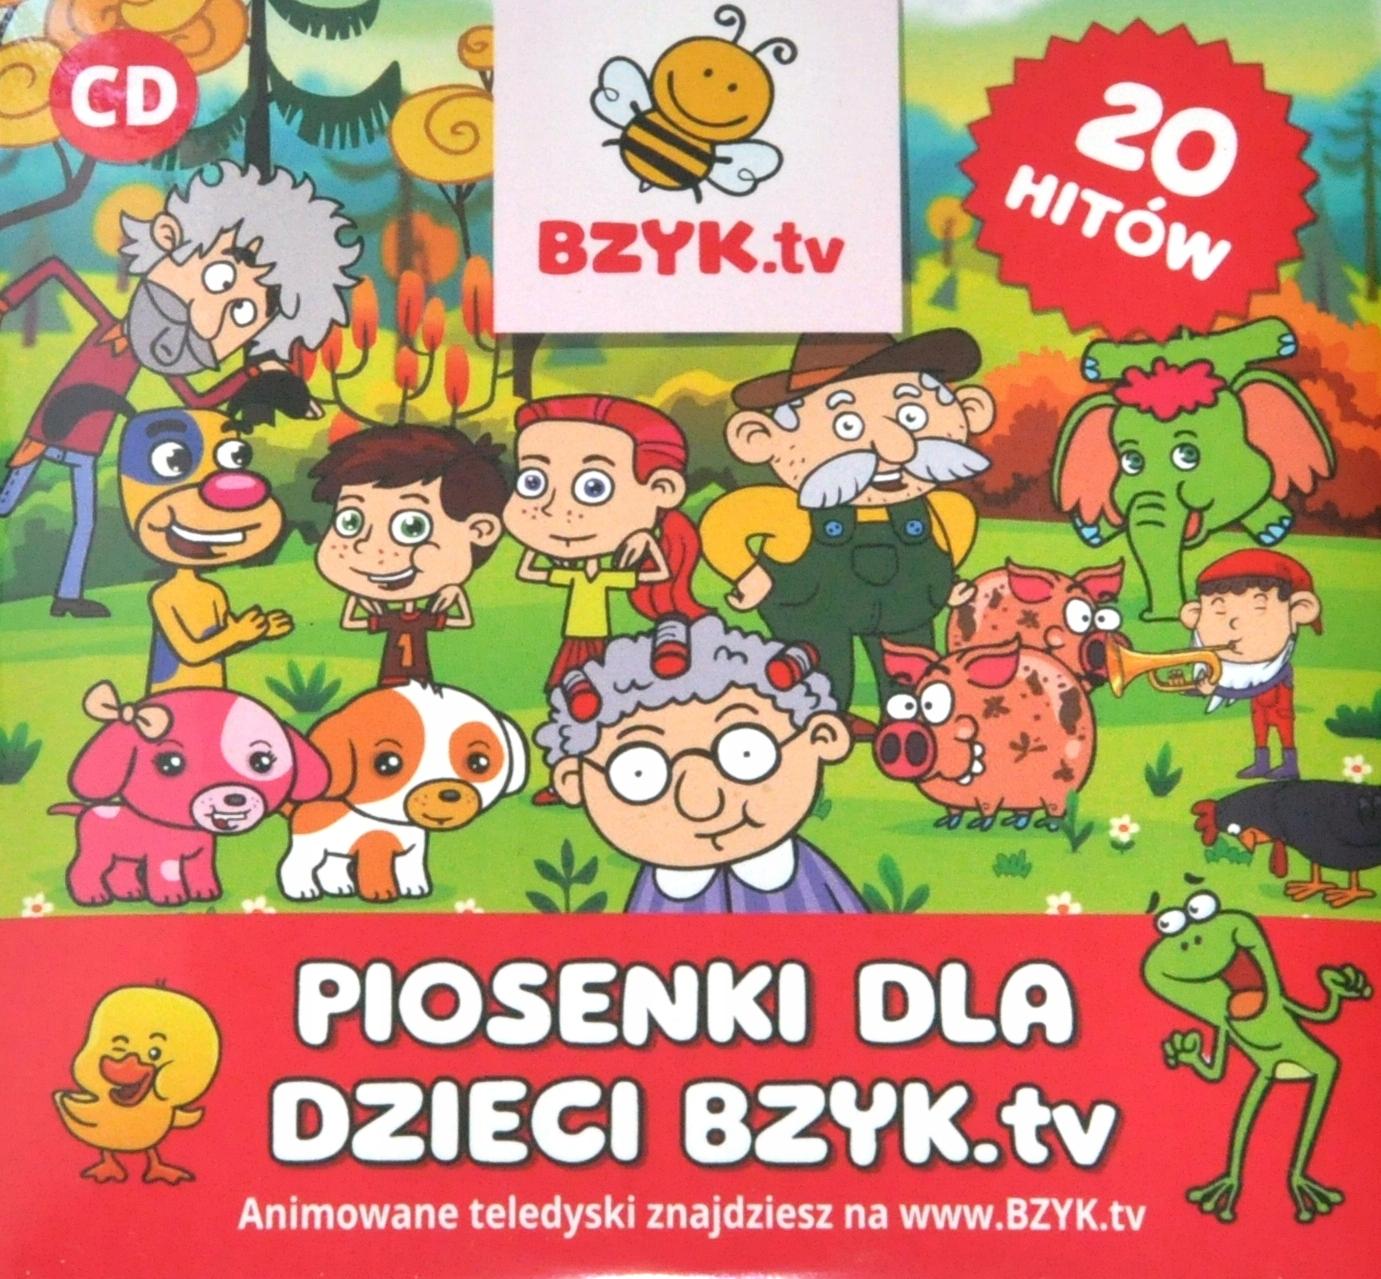 Piosenki Dla Dzieci Cd Piosenki Kanalu Bzyk Tv 7603090358 Allegro Pl